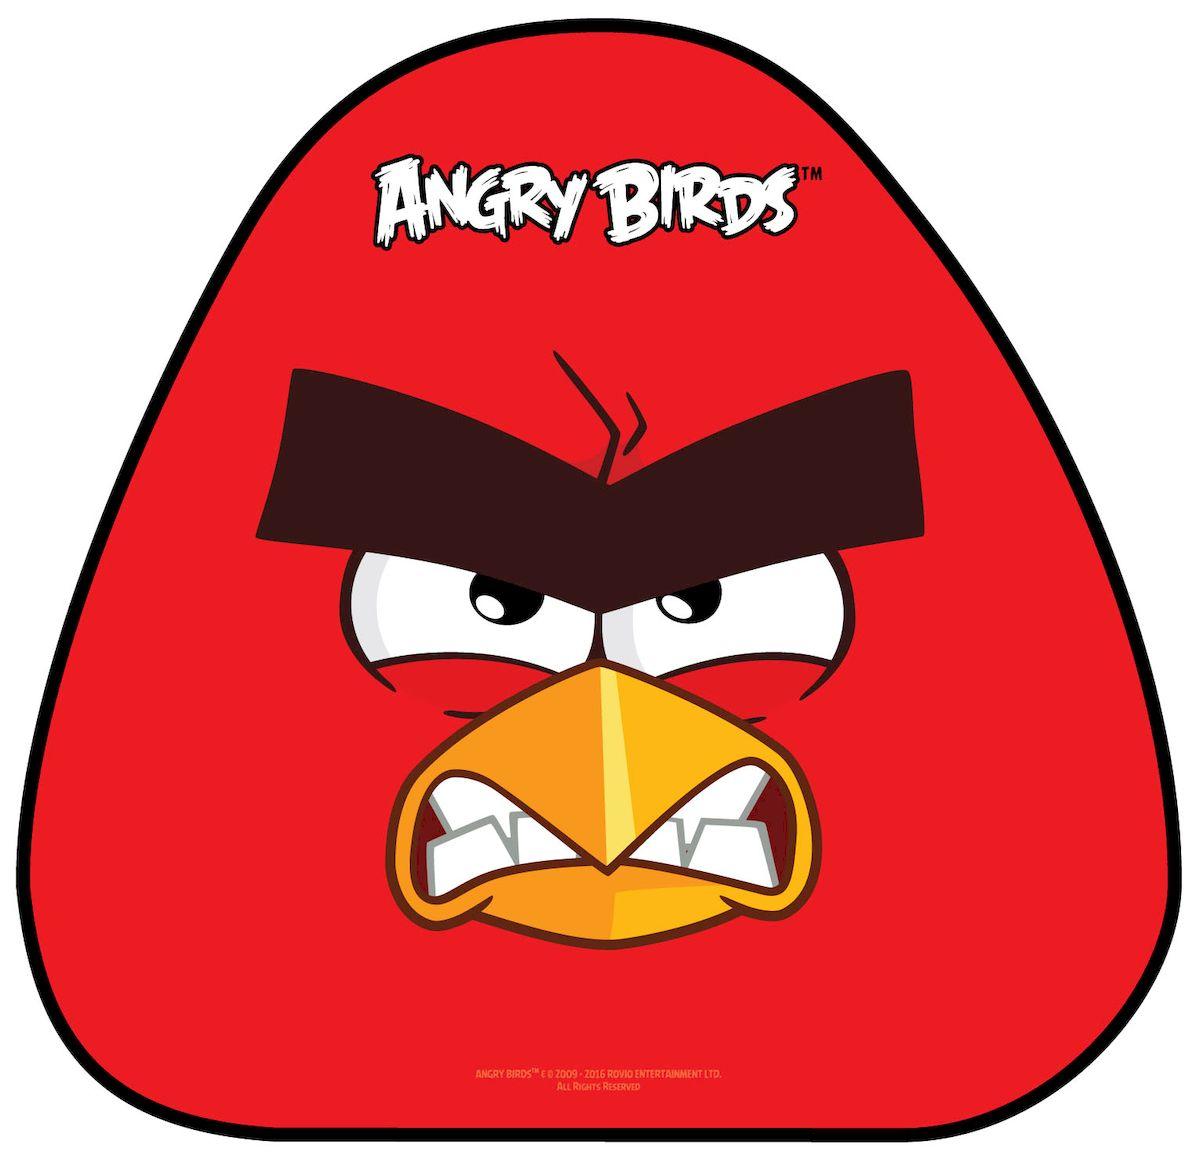 Ледянка 1toy Angry Birds, 52 х 50 см296Ледянка 1toy Angry Birds подойдет для любителей зимних спортивных развлечений. Выполнена из ПВХ.Для удобства маневрирования имеется 2 ручки из плотной ткани. На лицевой стороне имеется изображение птицы из Angry Birds.